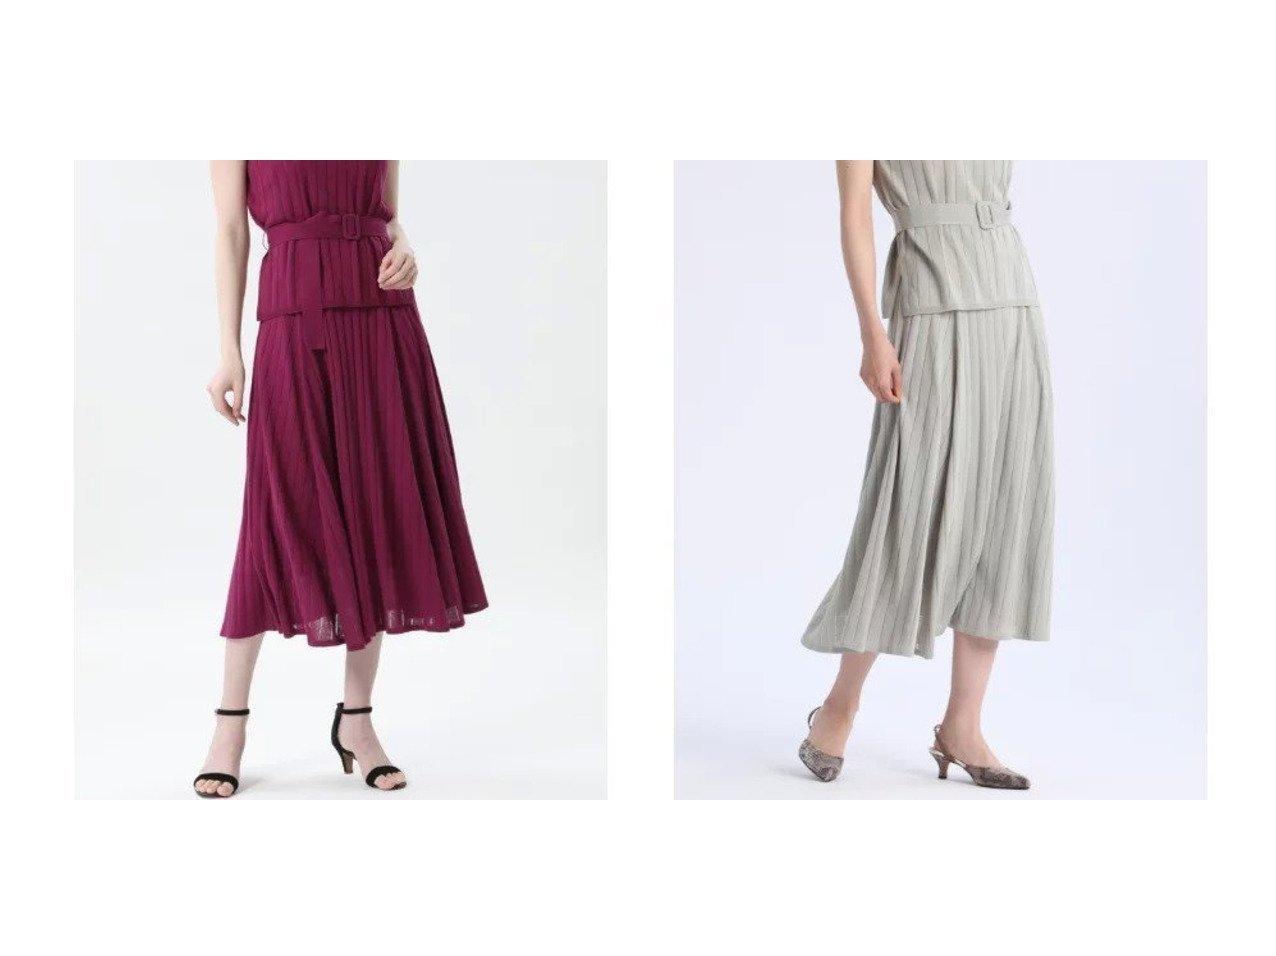 【ef-de/エフデ】の《Maglie par ef-de》ニットフレアスカート 【スカート】おすすめ!人気、トレンド・レディースファッションの通販 おすすめで人気の流行・トレンド、ファッションの通販商品 インテリア・家具・メンズファッション・キッズファッション・レディースファッション・服の通販 founy(ファニー) https://founy.com/ ファッション Fashion レディースファッション WOMEN スカート Skirt Aライン/フレアスカート Flared A-Line Skirts おすすめ Recommend カーディガン シアー ストライプ セットアップ バランス 夏 Summer 透かし |ID:crp329100000049401